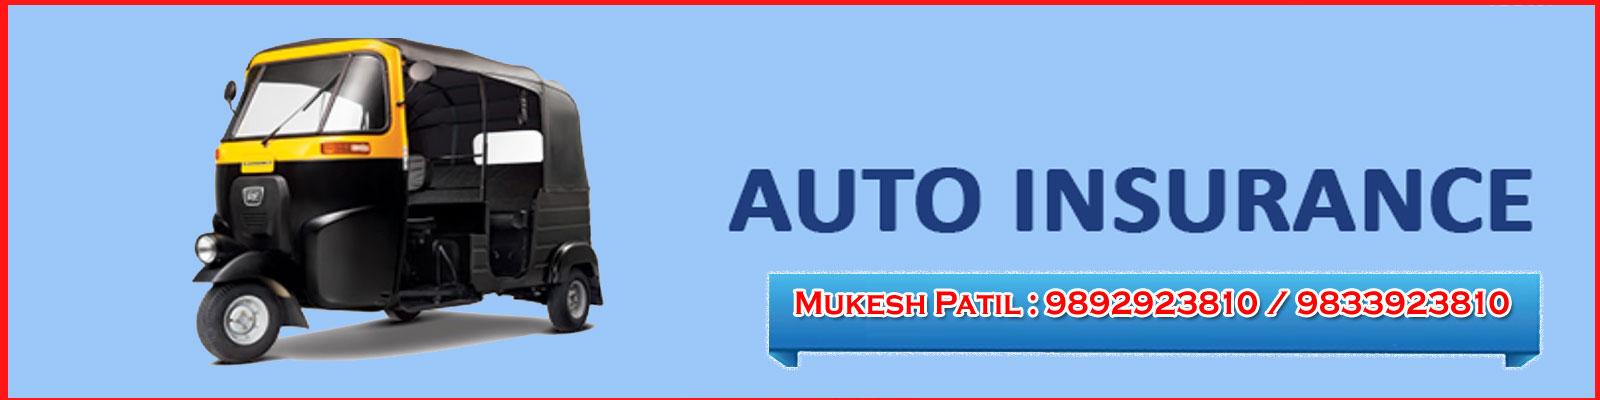 vehicleinsurancebhayandarmumbai1